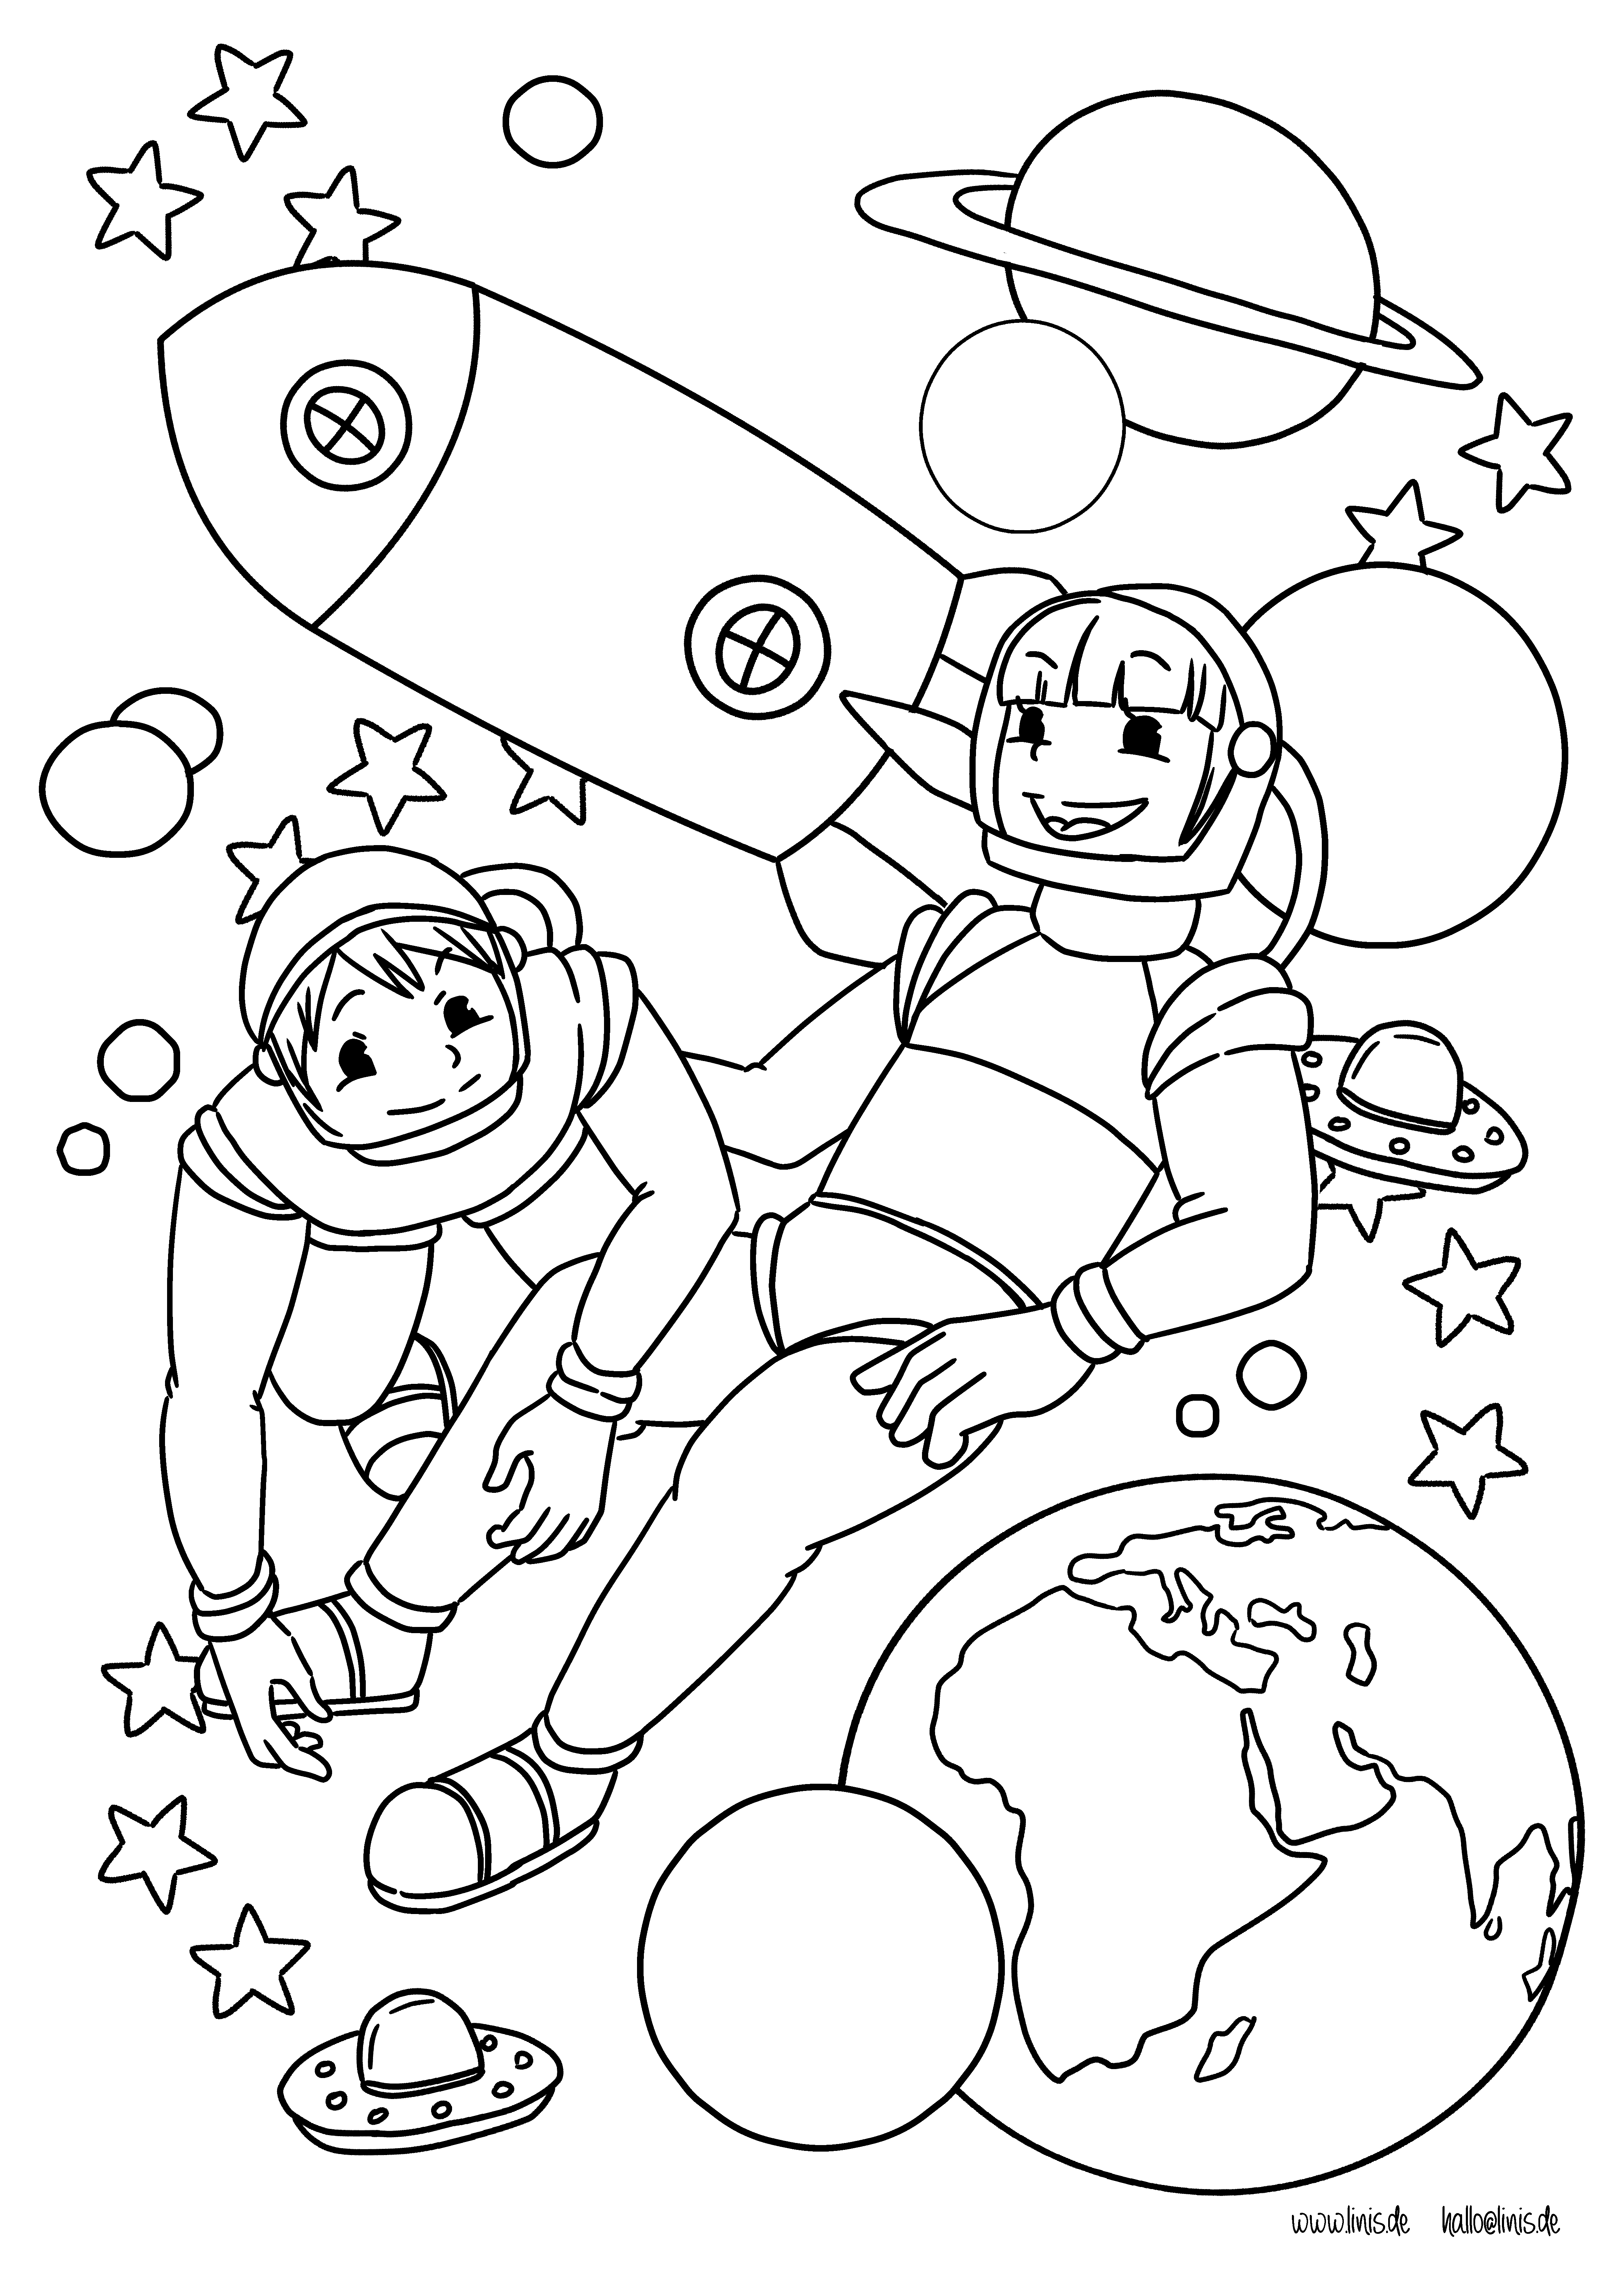 Berühmt Ausmalbilder Astronaut Zeitgenössisch - Malvorlagen Von ...